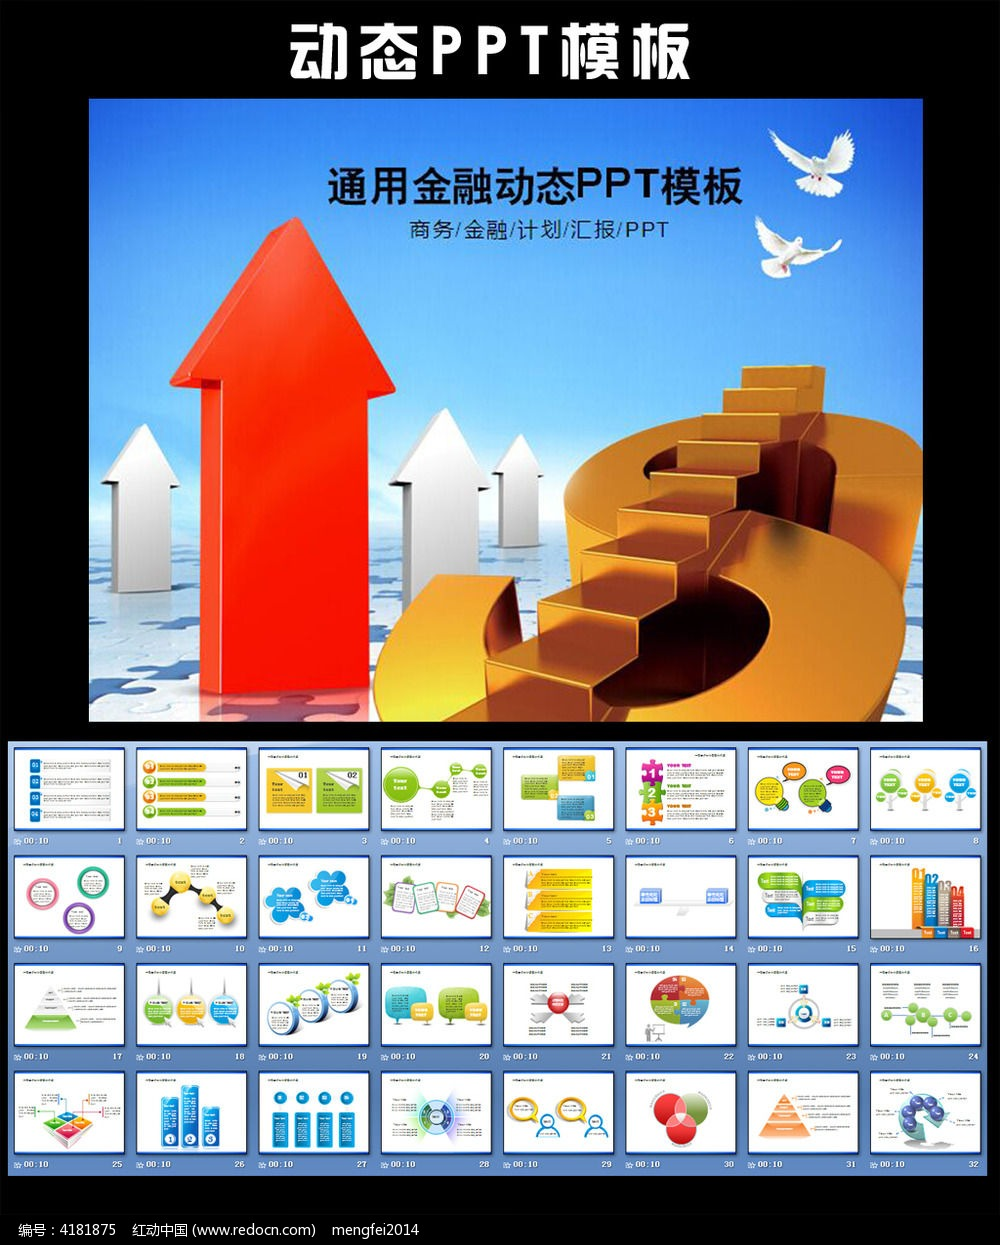 色箭头金钱动态PPT模板设计下载 银行 理财 投资 会计 工作总结计划